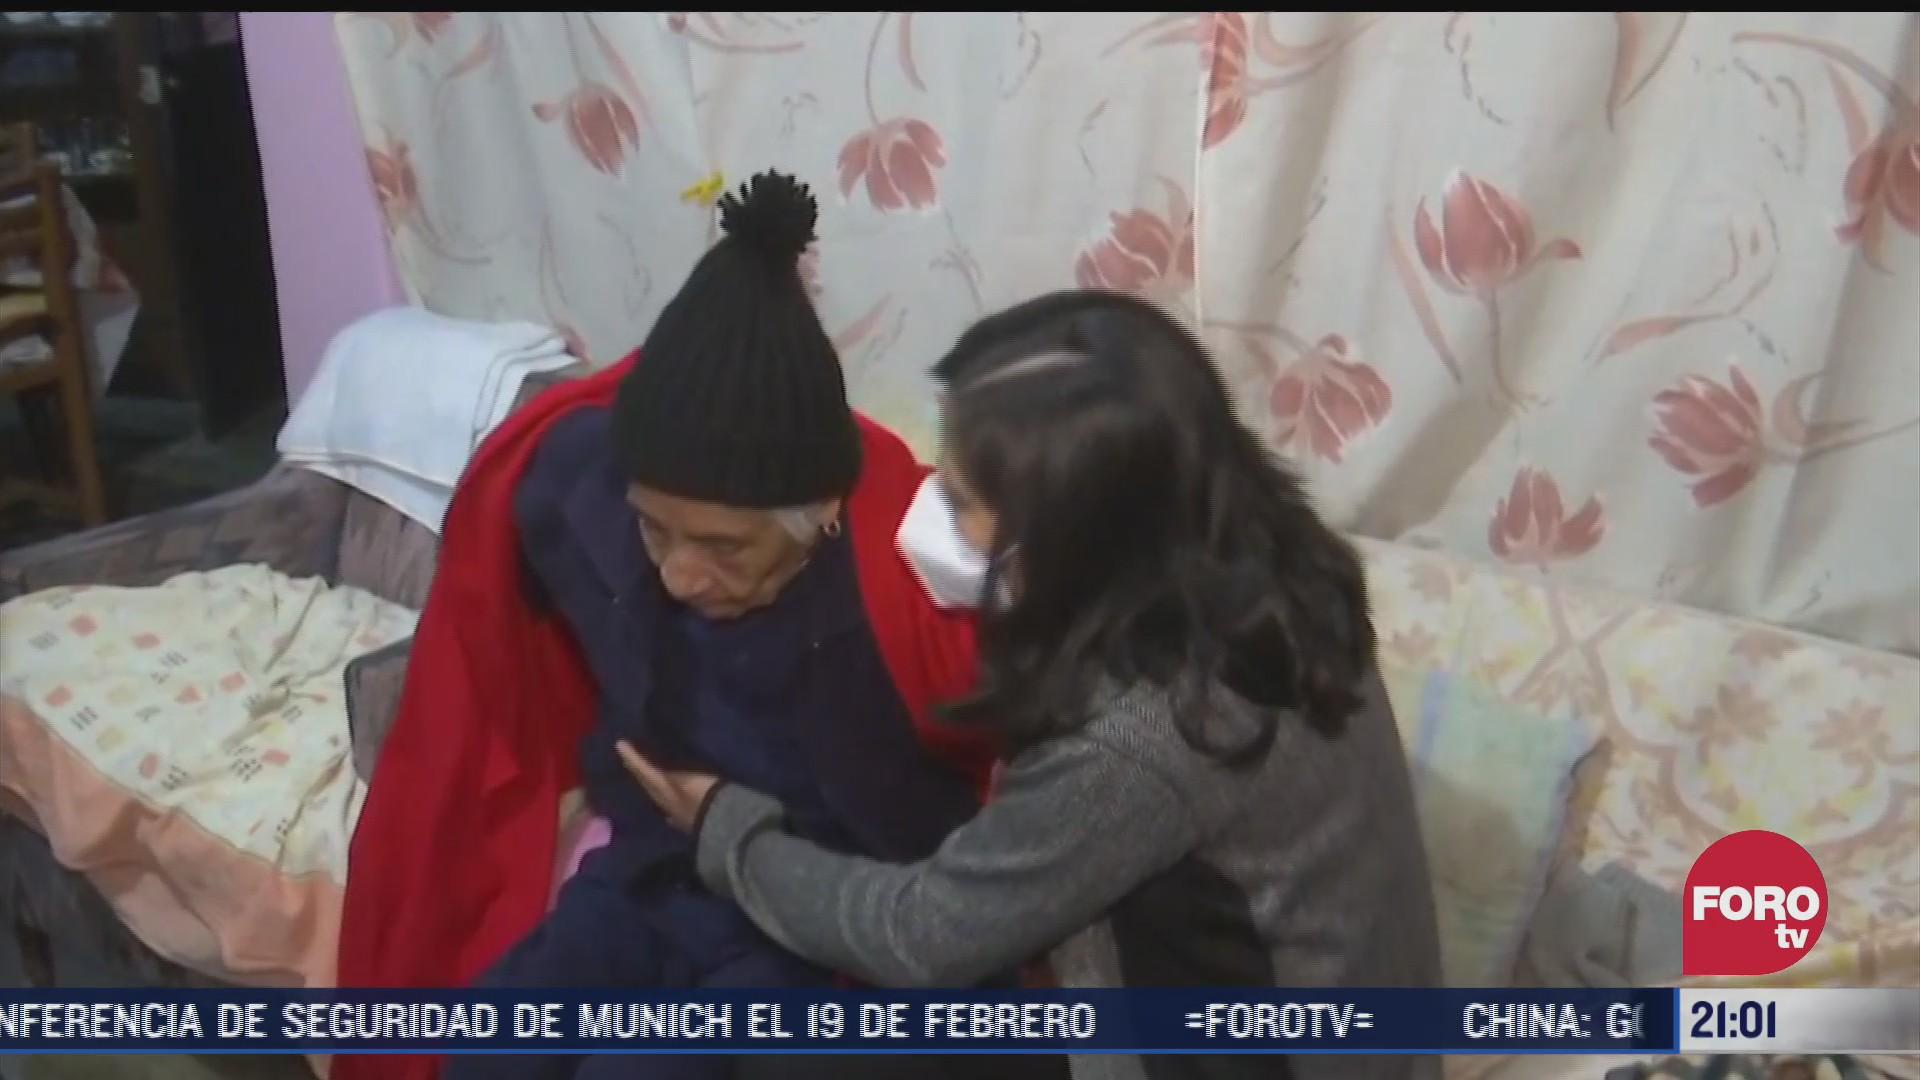 la senora lorenza se resguarda en su casa en espera de que se haga justicia